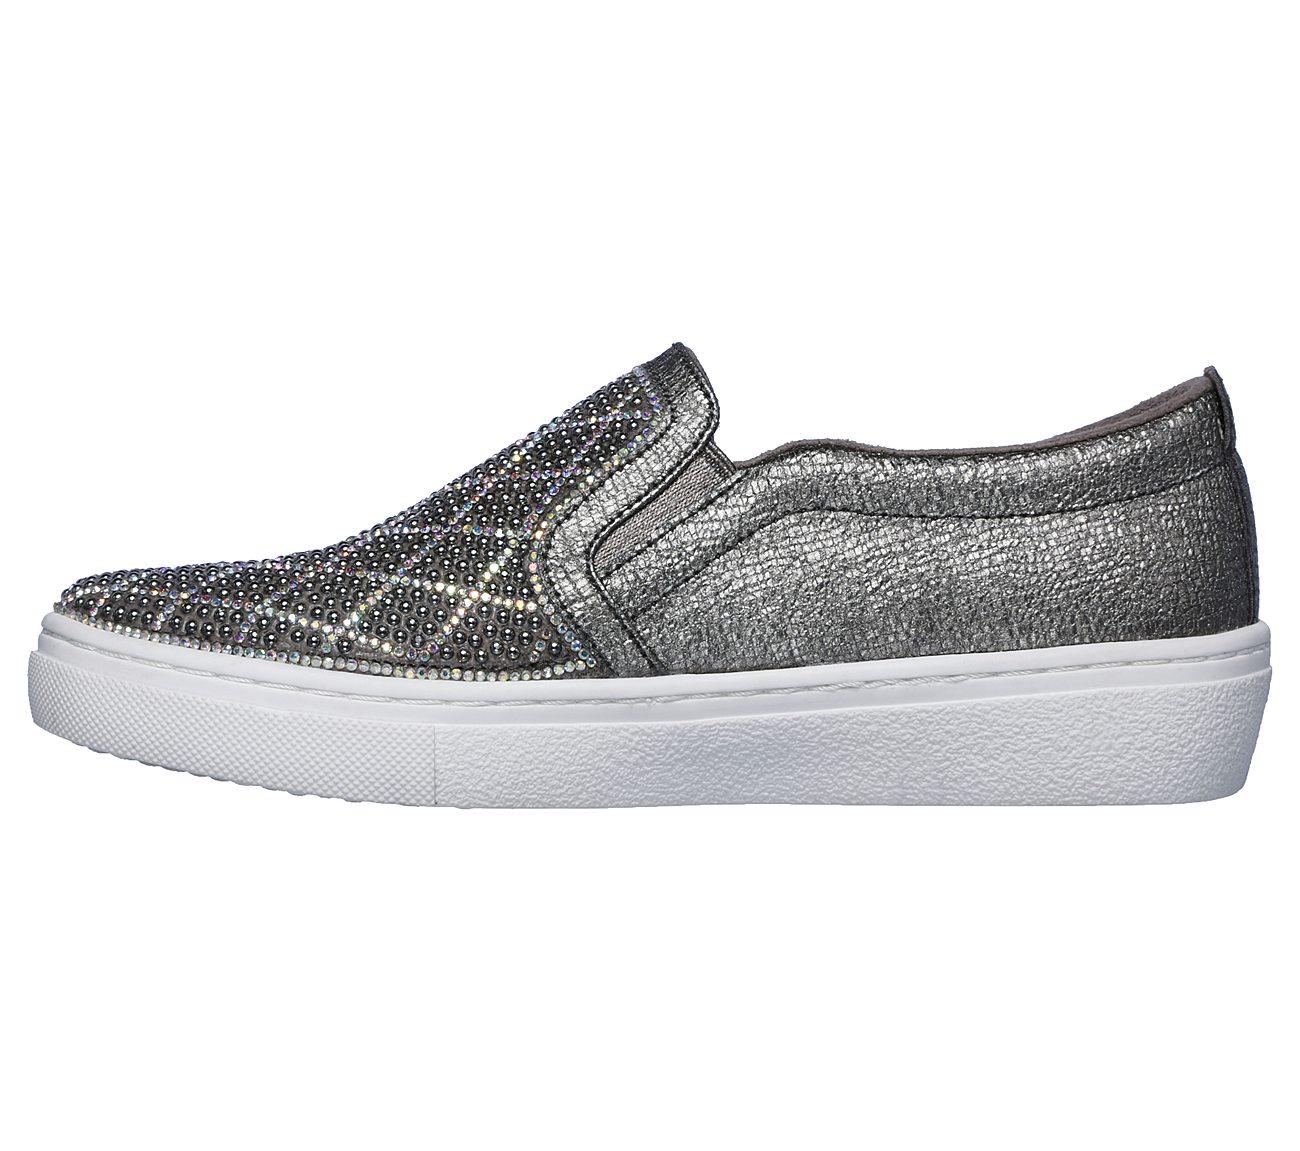 69b4fbdc4b4c Buy SKECHERS Goldie - Diamond Darling Slip-On Sneakers Shoes only  55.00